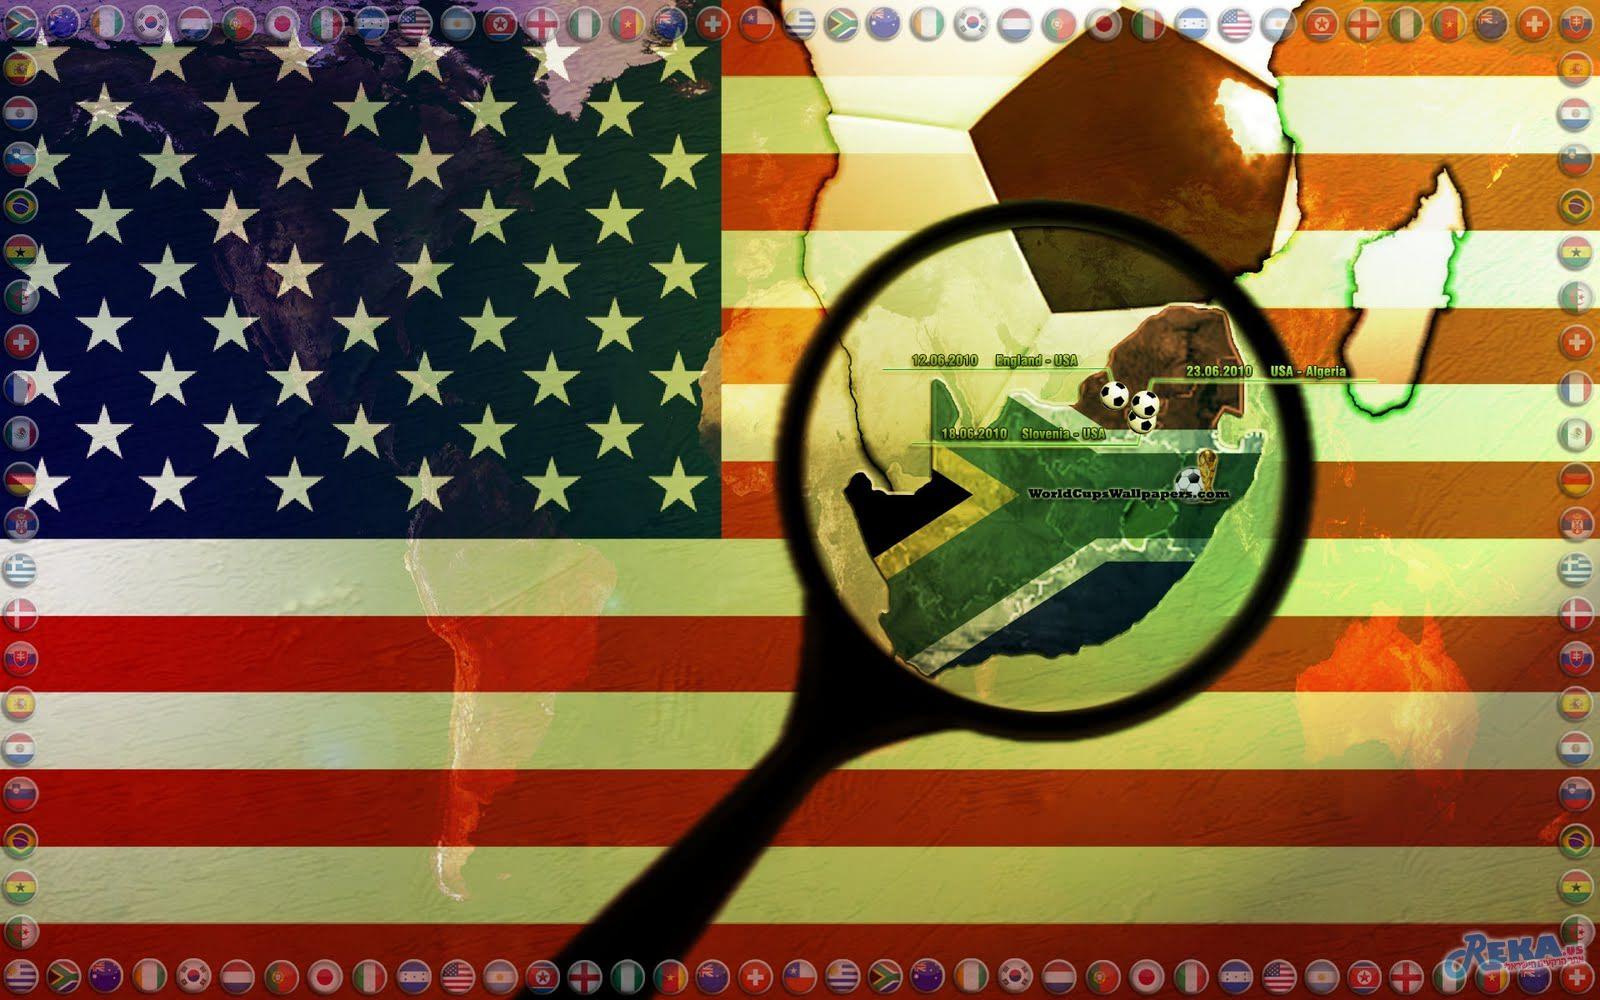 USA-World-Cup-2010-Widescreen-Wallpaper